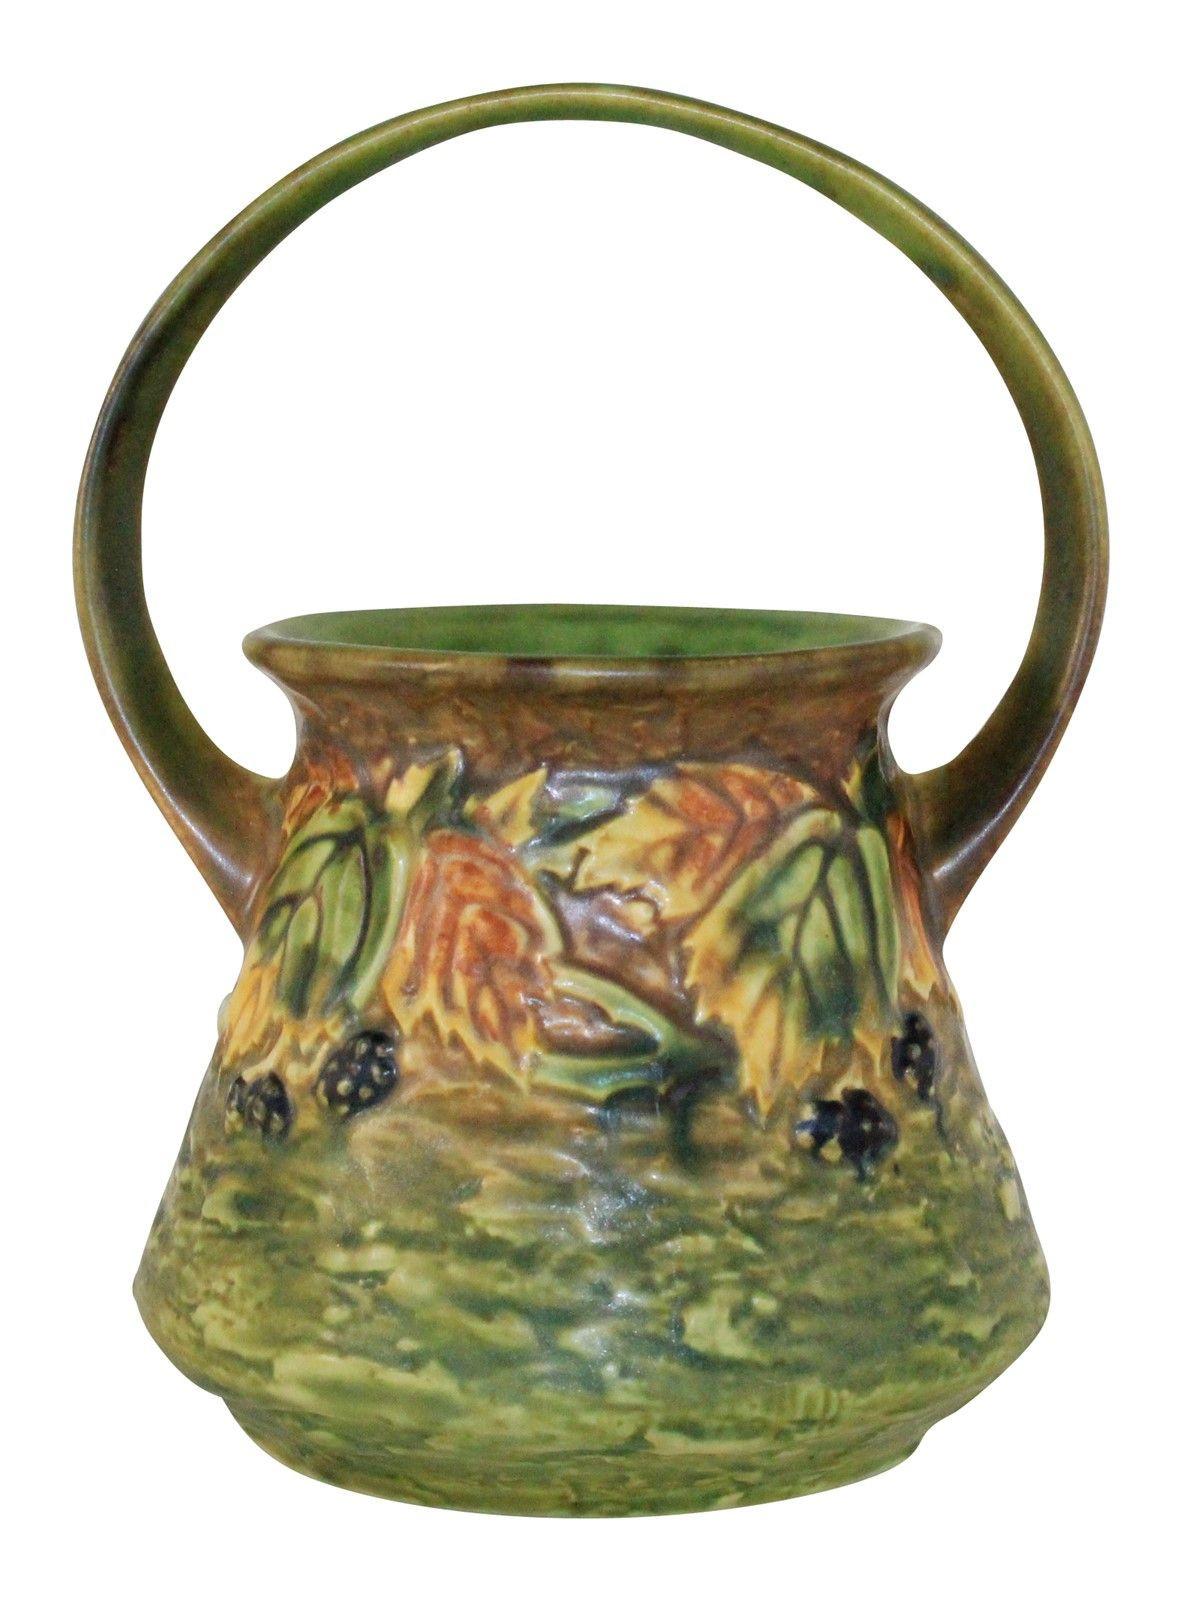 roseville water lily vase of roseville pottery blackberry basket 334 6 from just art po inside roseville pottery blackberry basket 336 8 extra image 2 large image